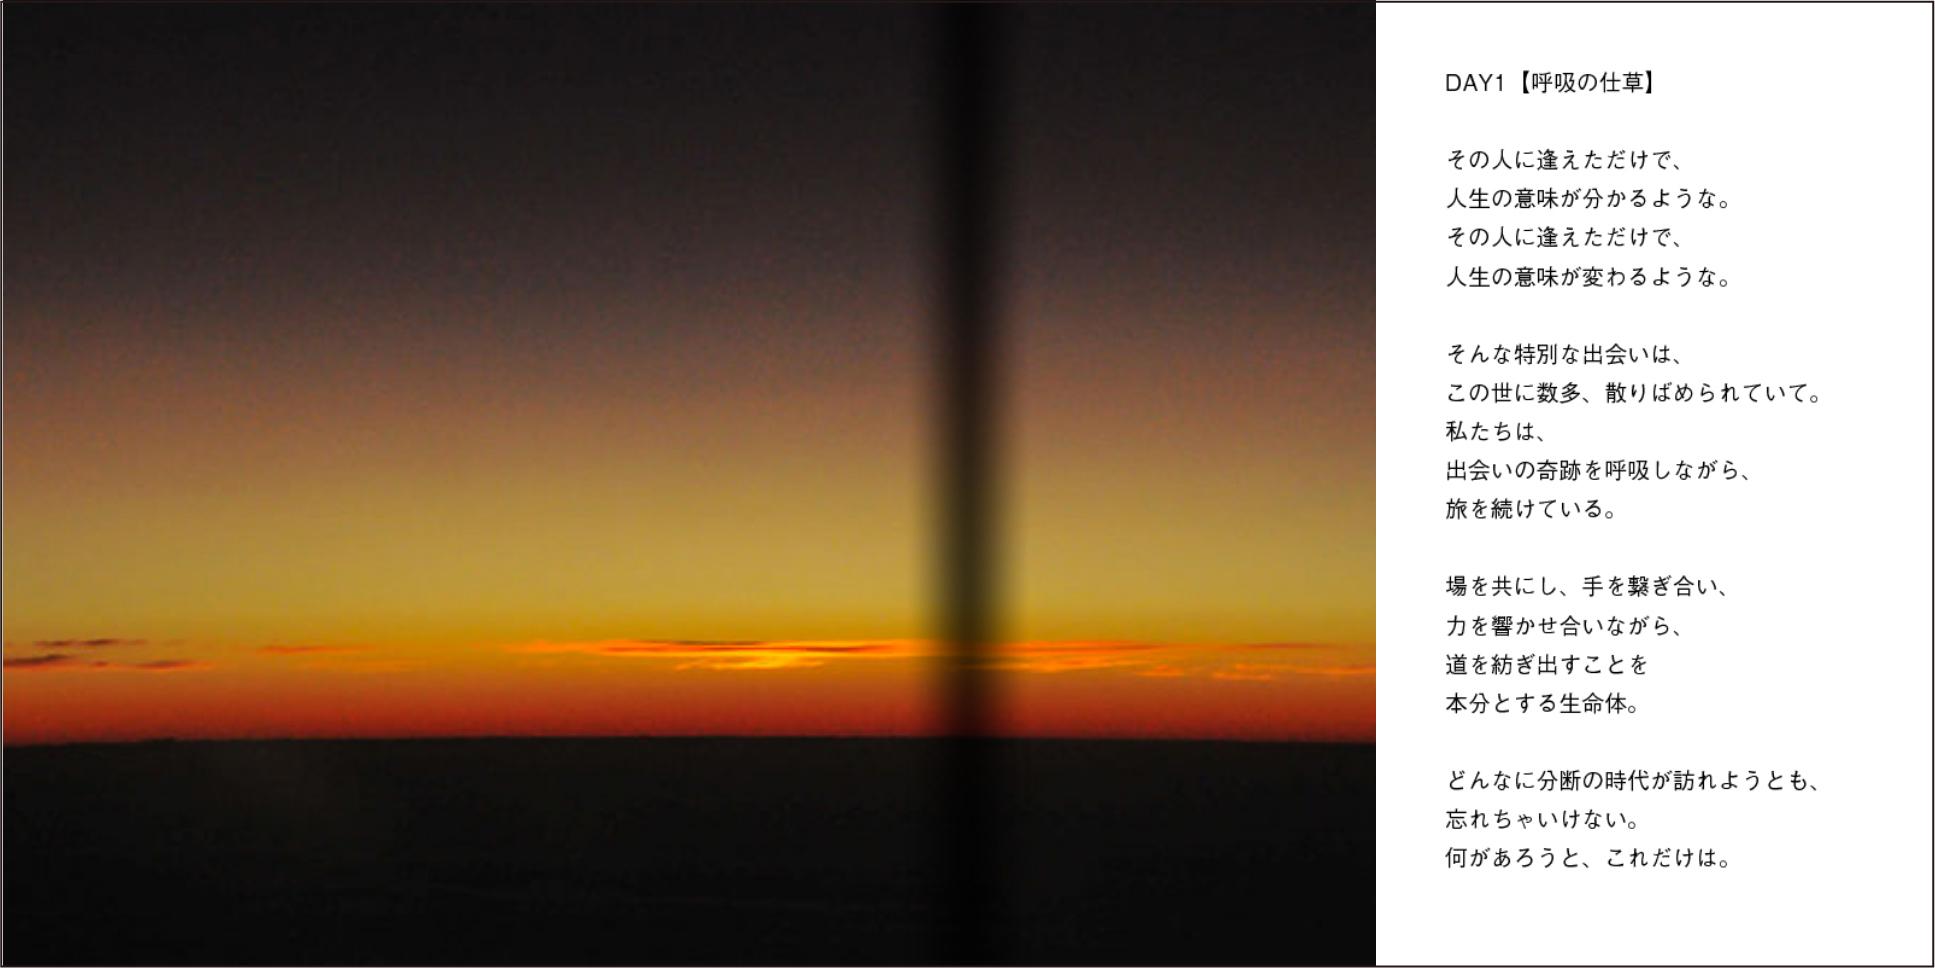 【オーダー承り〼】写真とことばの本『あなたの物語をはじめる』Maki SAEGUSA_d0018646_20014201.jpg